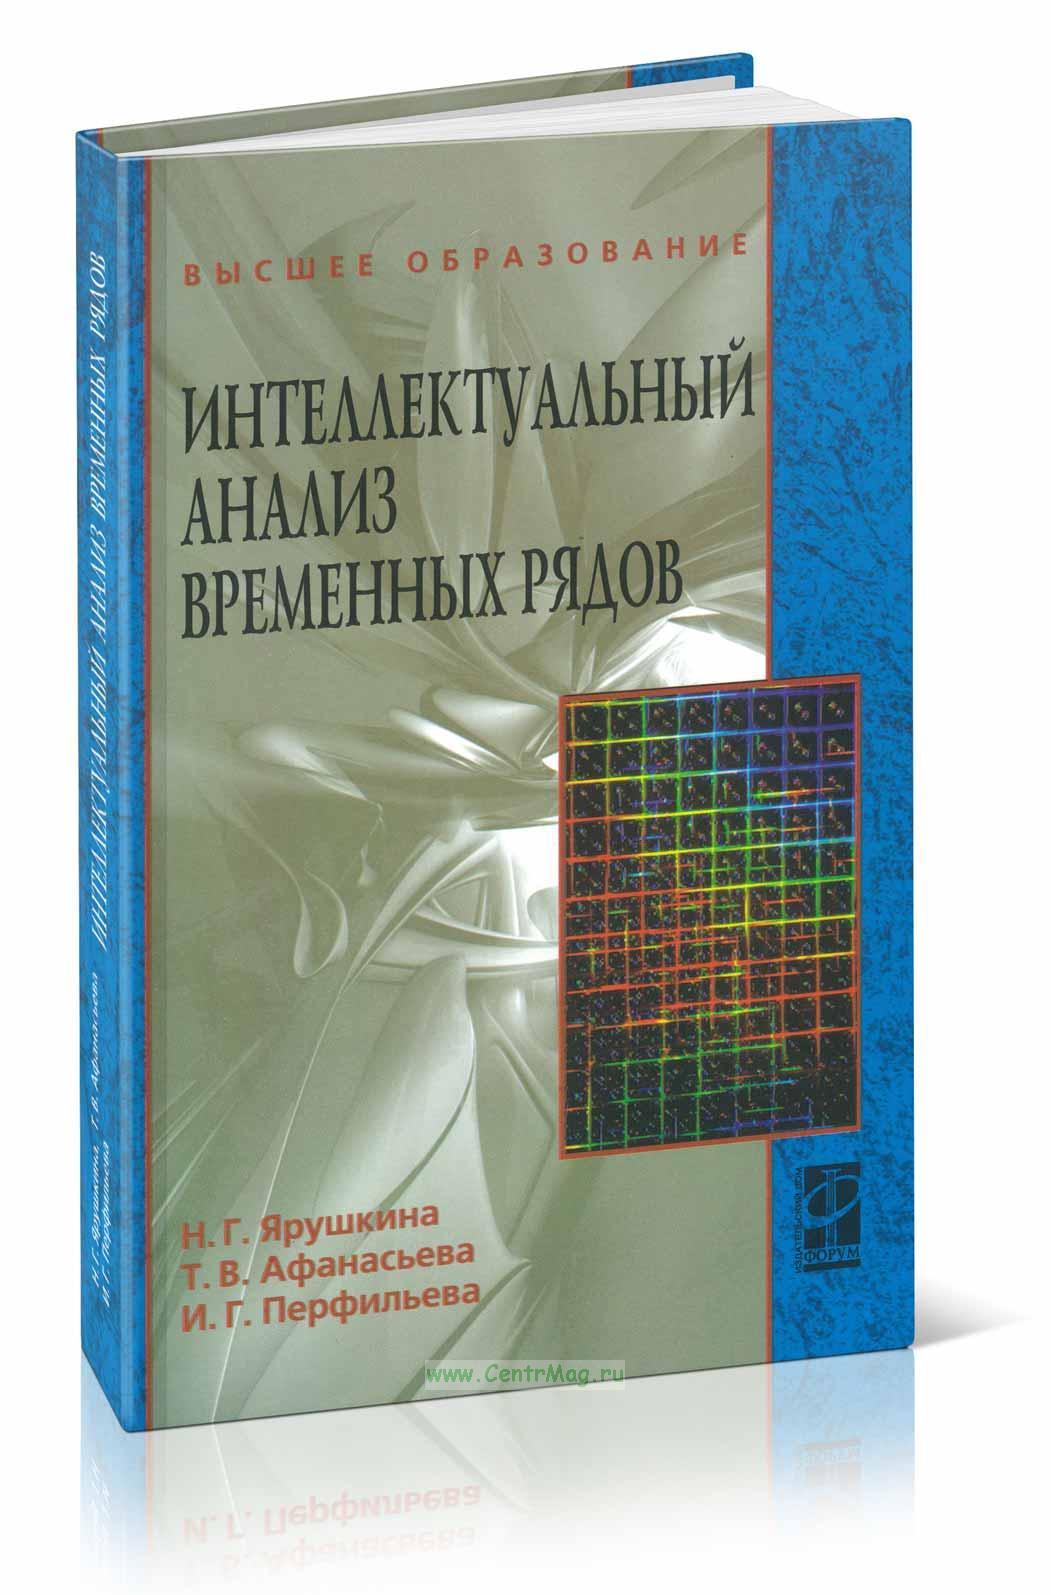 Интеллектуальный анализ временных рядов: учебное пособие